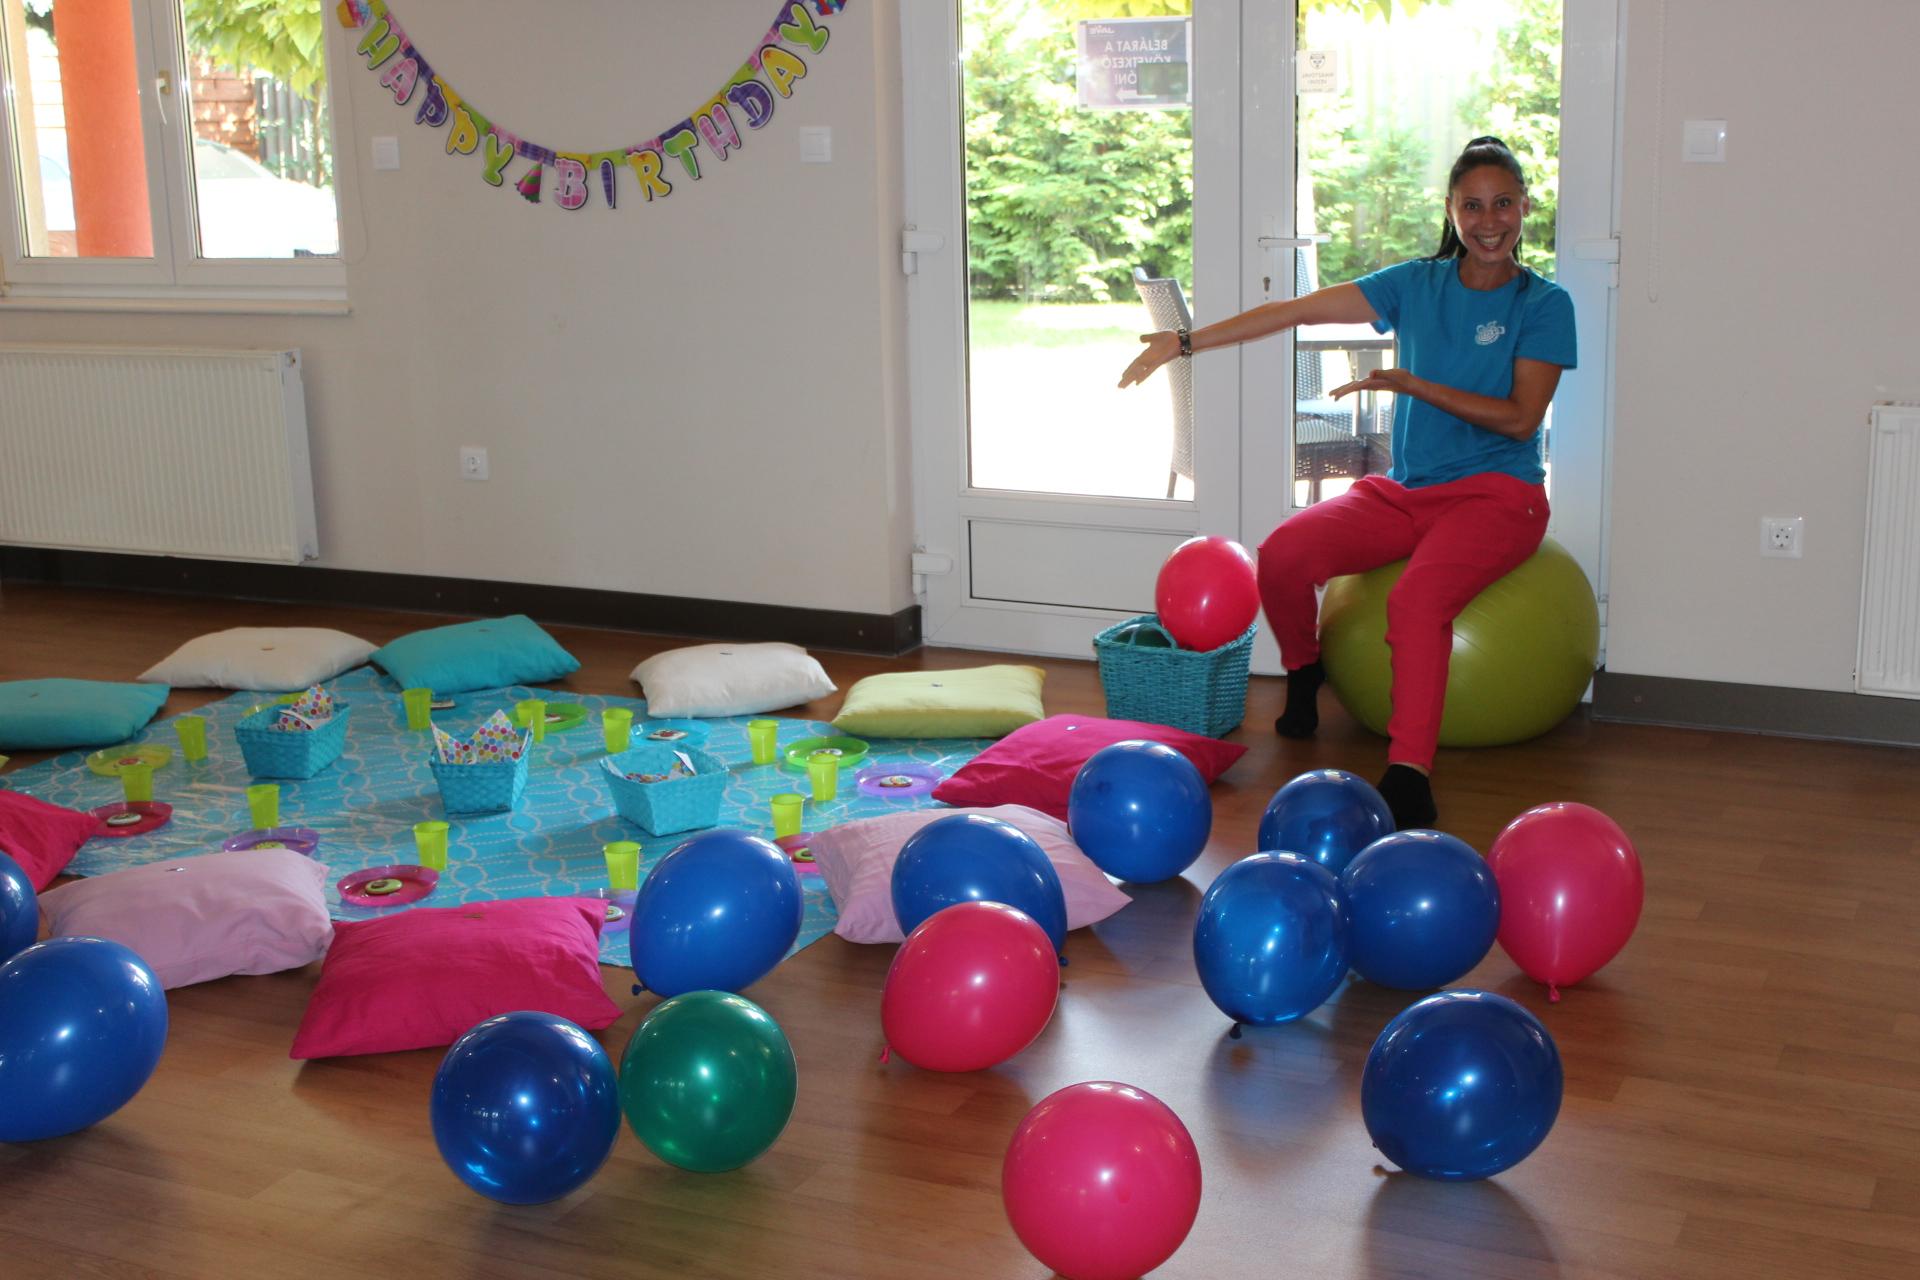 szülinapi buli ötletek 10 éveseknek Kölyökcentrum   Gyermek Foglalkoztató Központ   Szülinap szülinapi buli ötletek 10 éveseknek